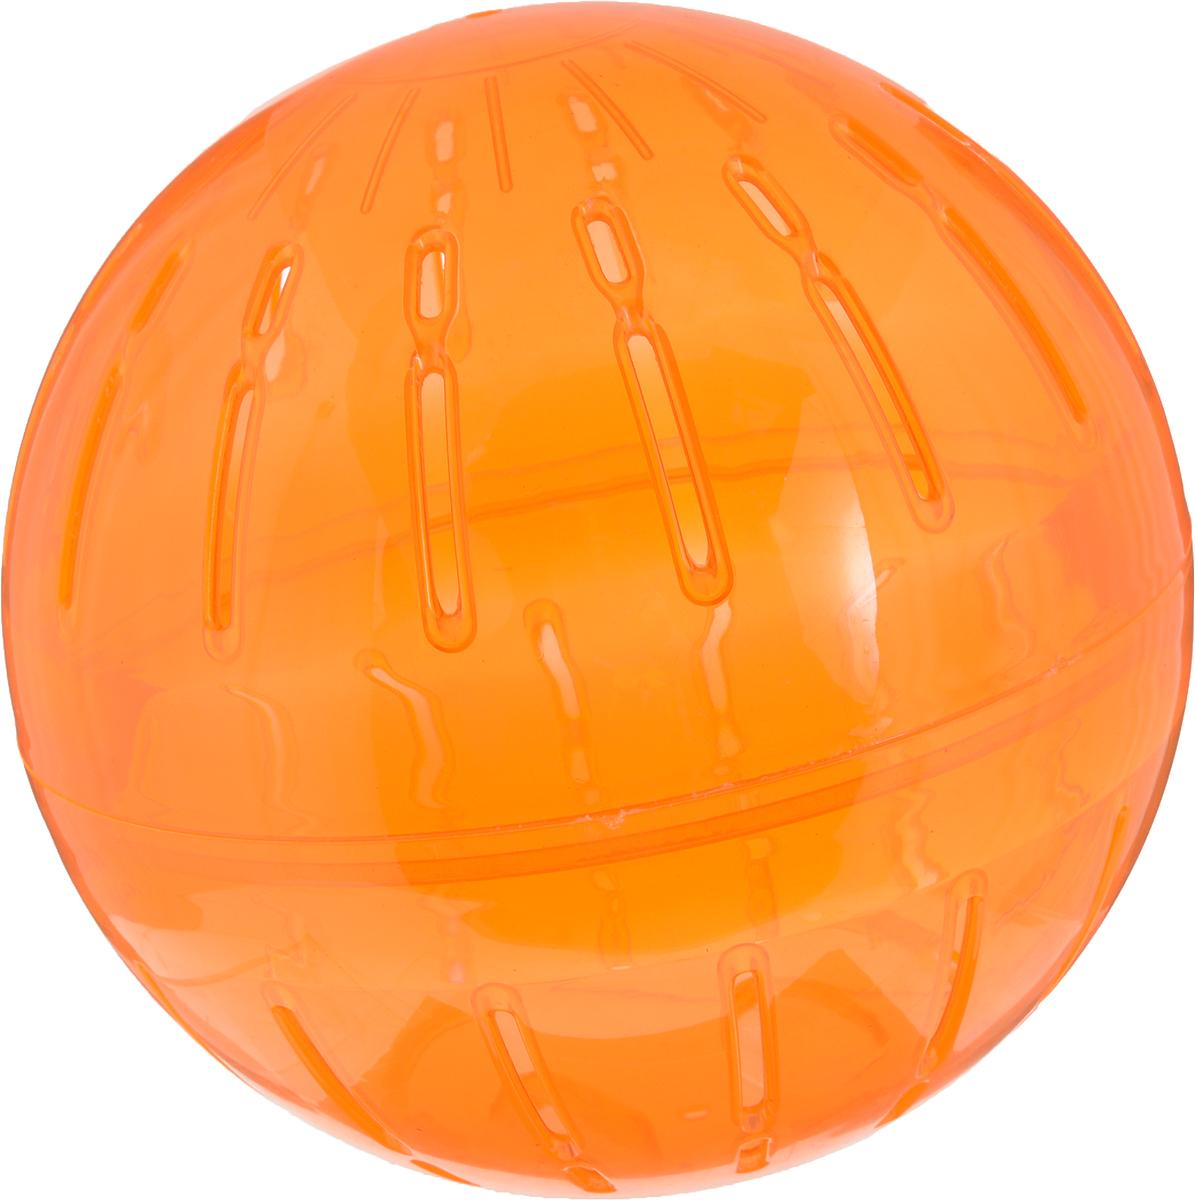 Игрушка для грызунов Triol  Шар прогулочный , цвет: оранжевый, диаметр 19 см - Игрушки